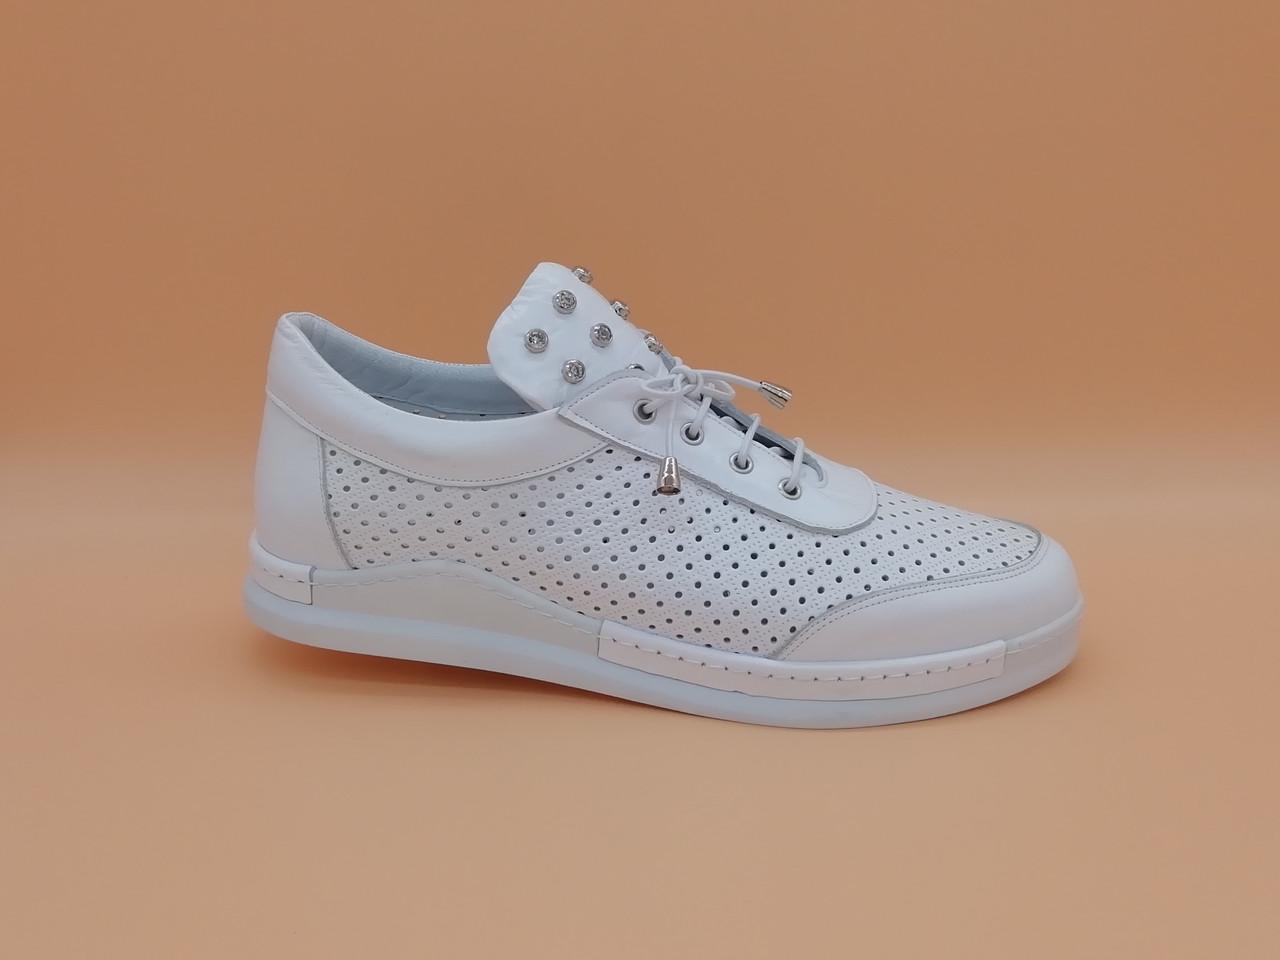 Білі шкіряні кросівки з перфорацією. Туреччина. Великі розміри ( 41 - 43 ).